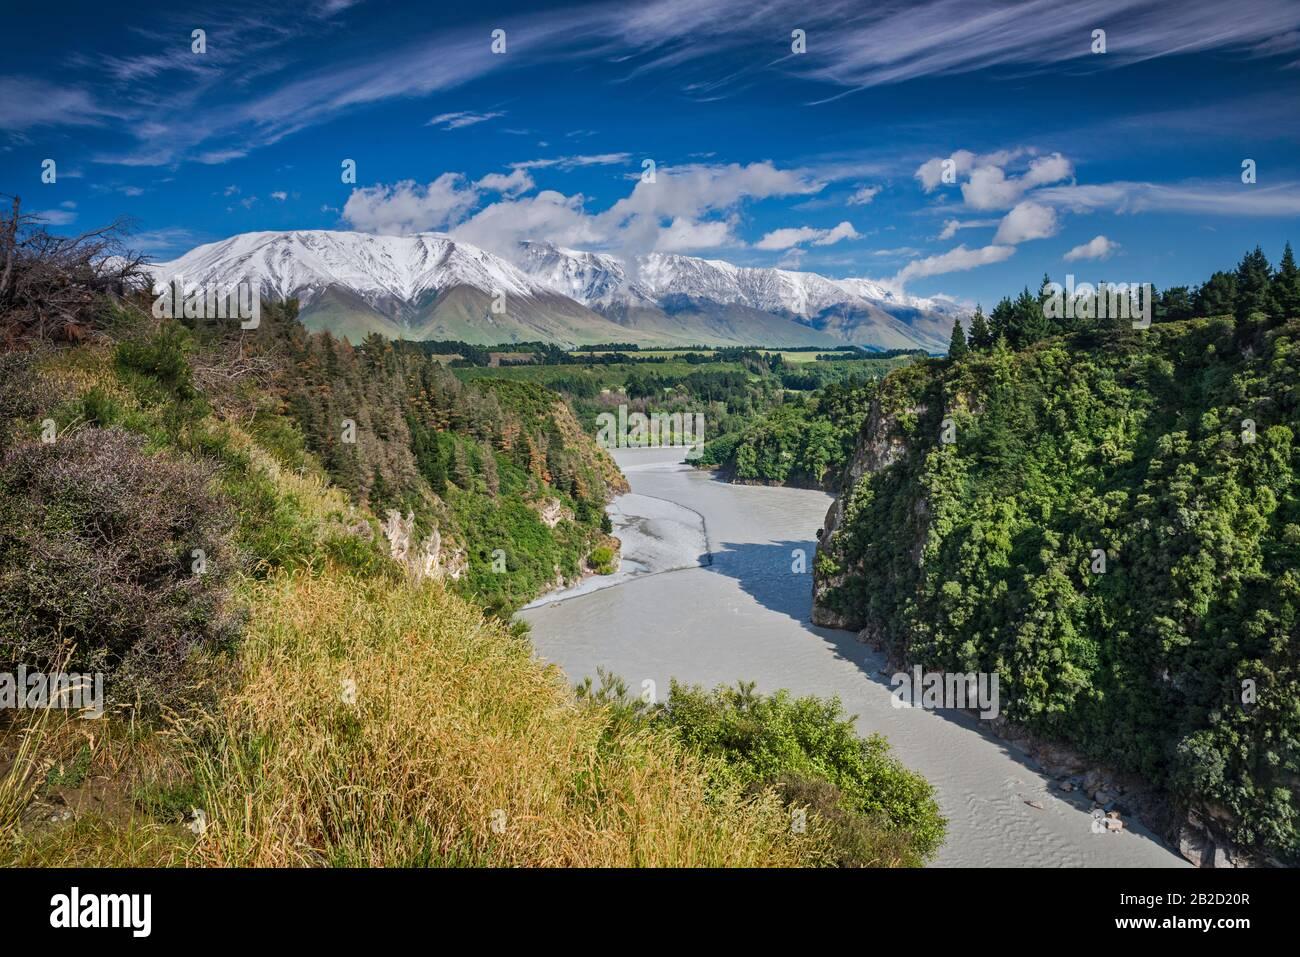 Rakaia River in Rakaia Gorge, Mt Hutt range, Southern Alps, from Arundel Rakaia Gorge Road, near Methven, Canterbury Region, South Island, New Zealand Stock Photo